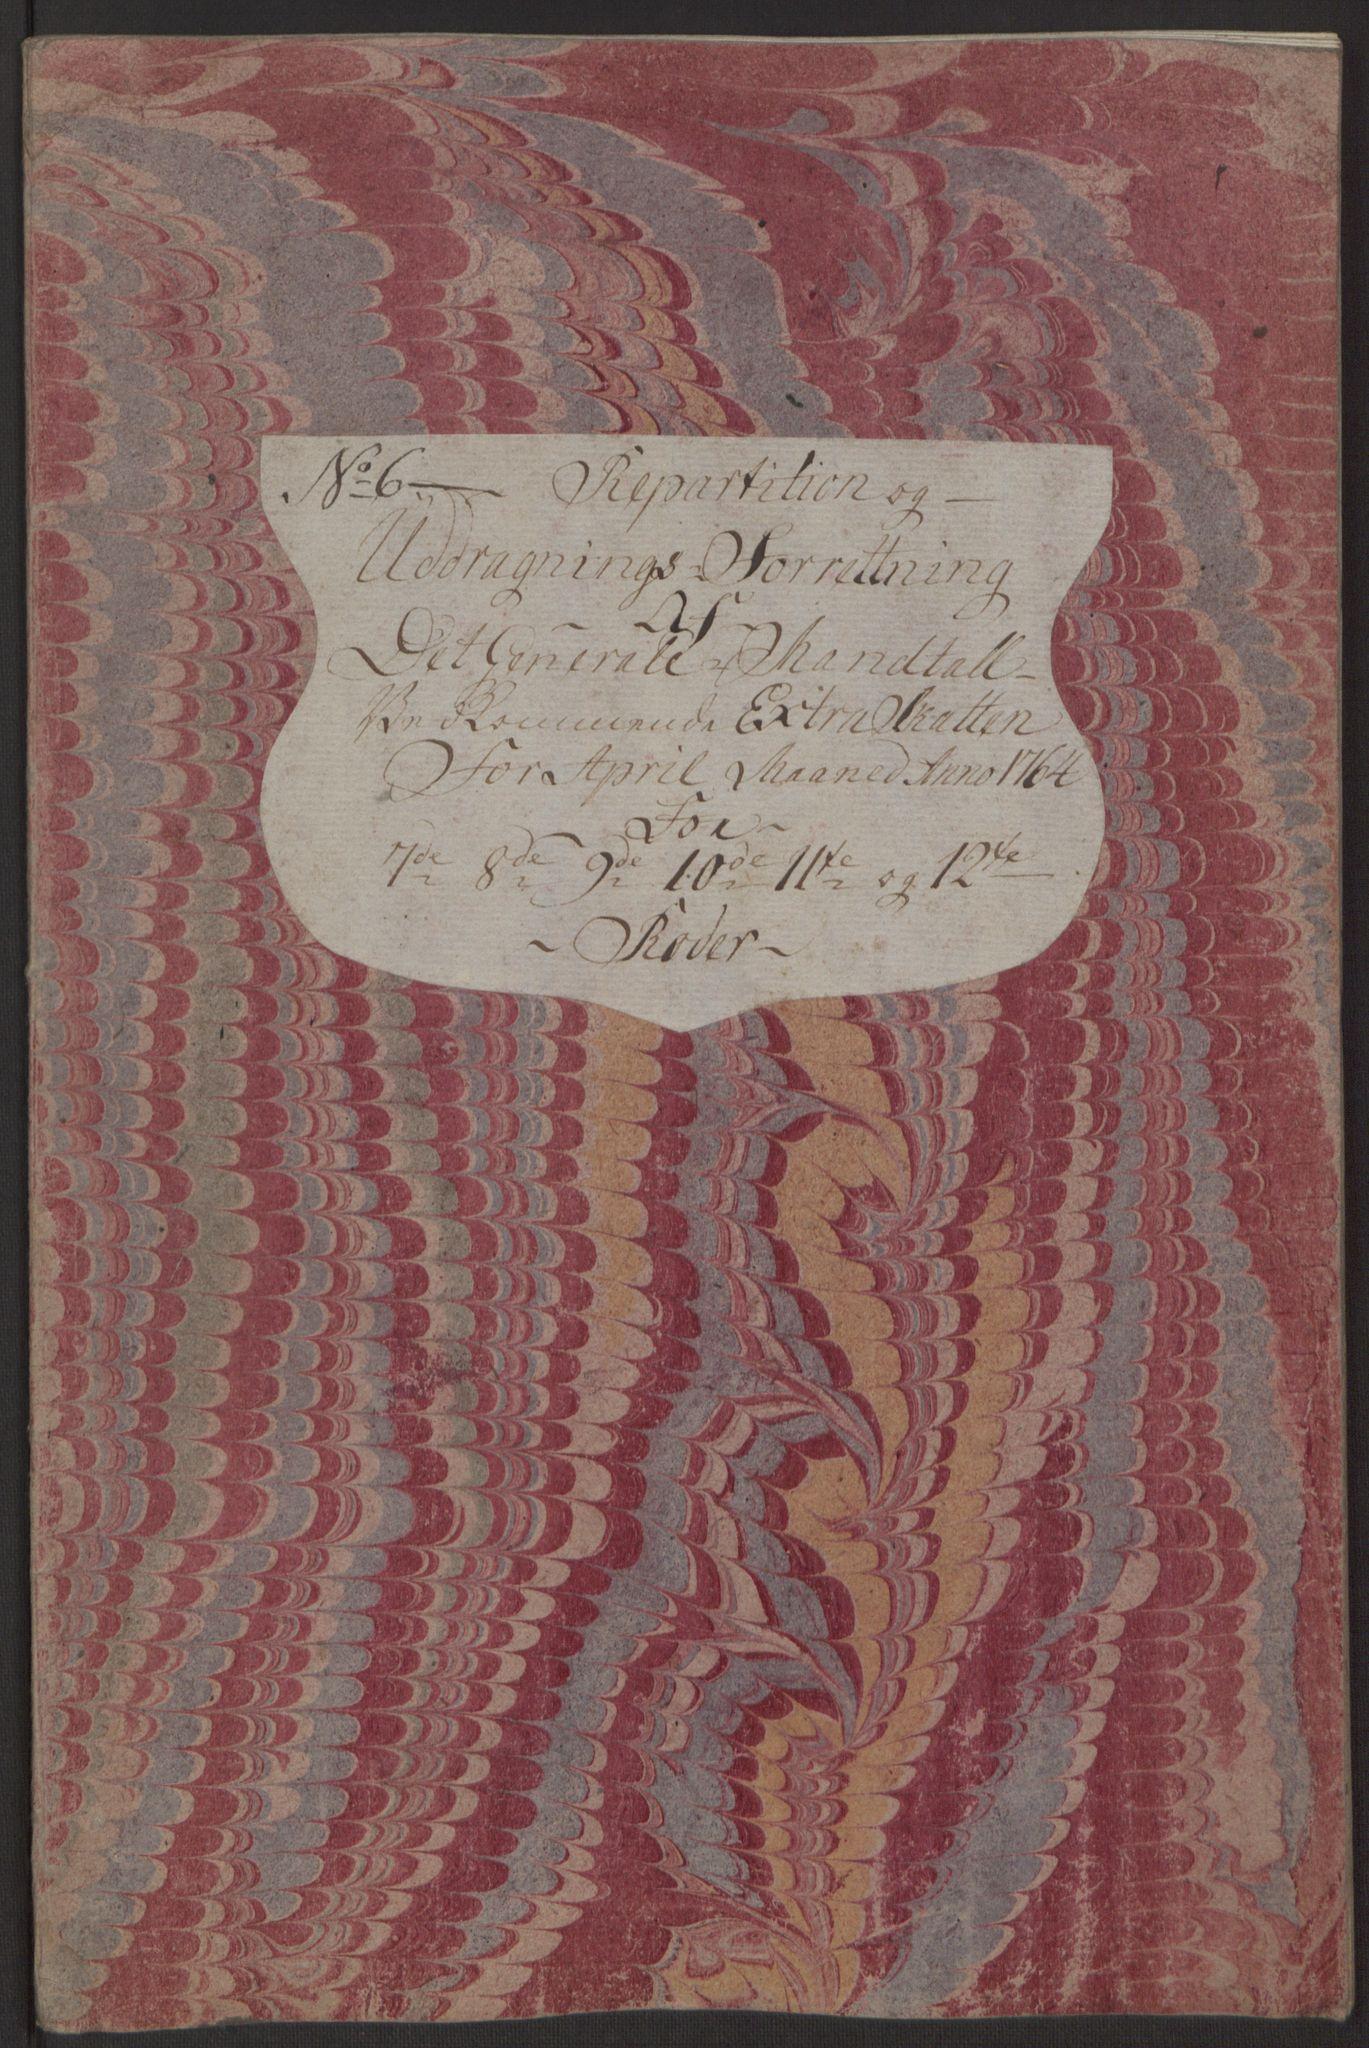 RA, Rentekammeret inntil 1814, Reviderte regnskaper, Byregnskaper, R/Rp/L0367: [P21] Kontribusjonsregnskap, 1764, s. 270